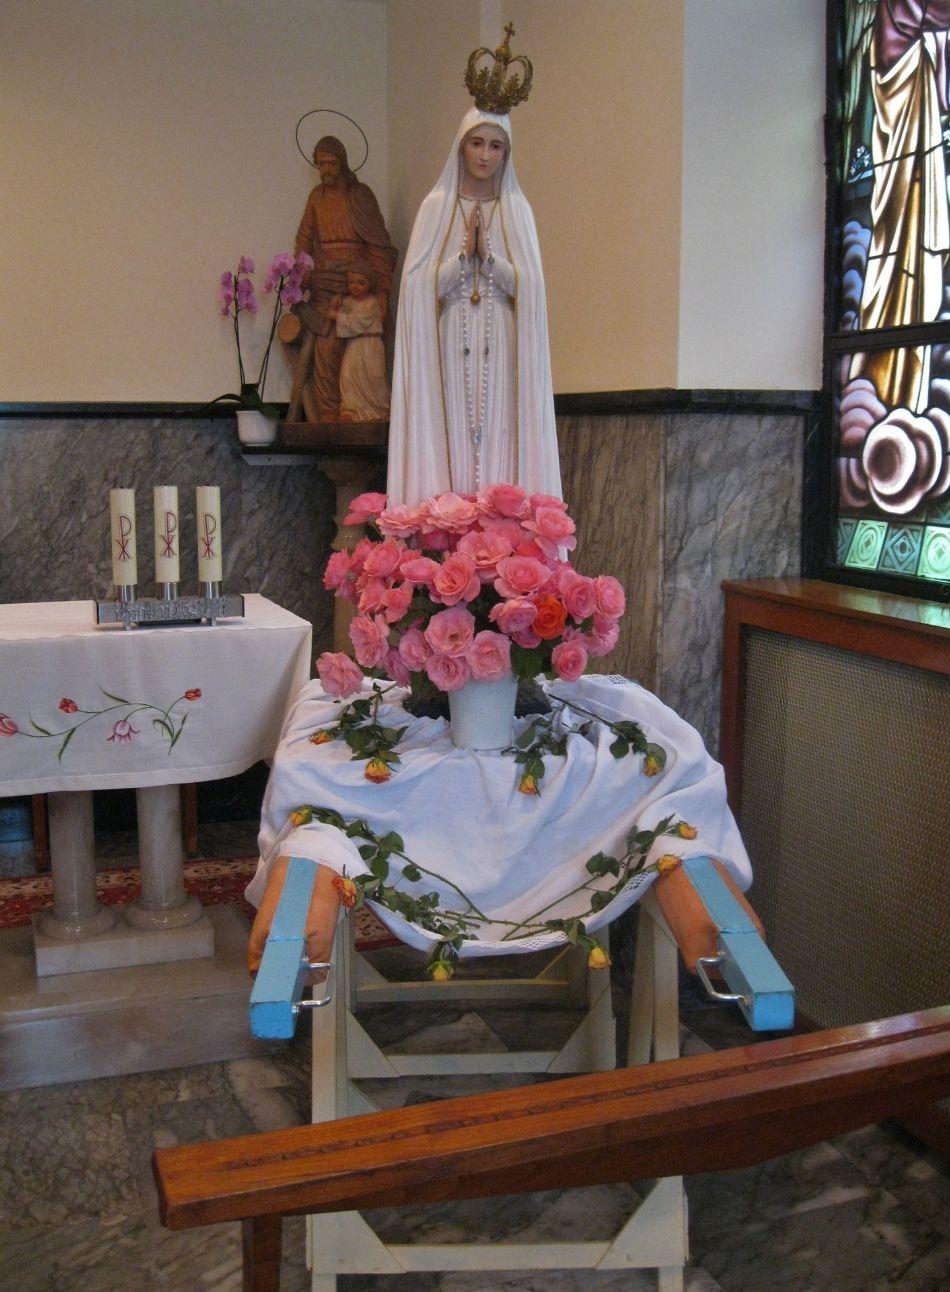 Un fervent au revoir à Notre Dame de Fatima